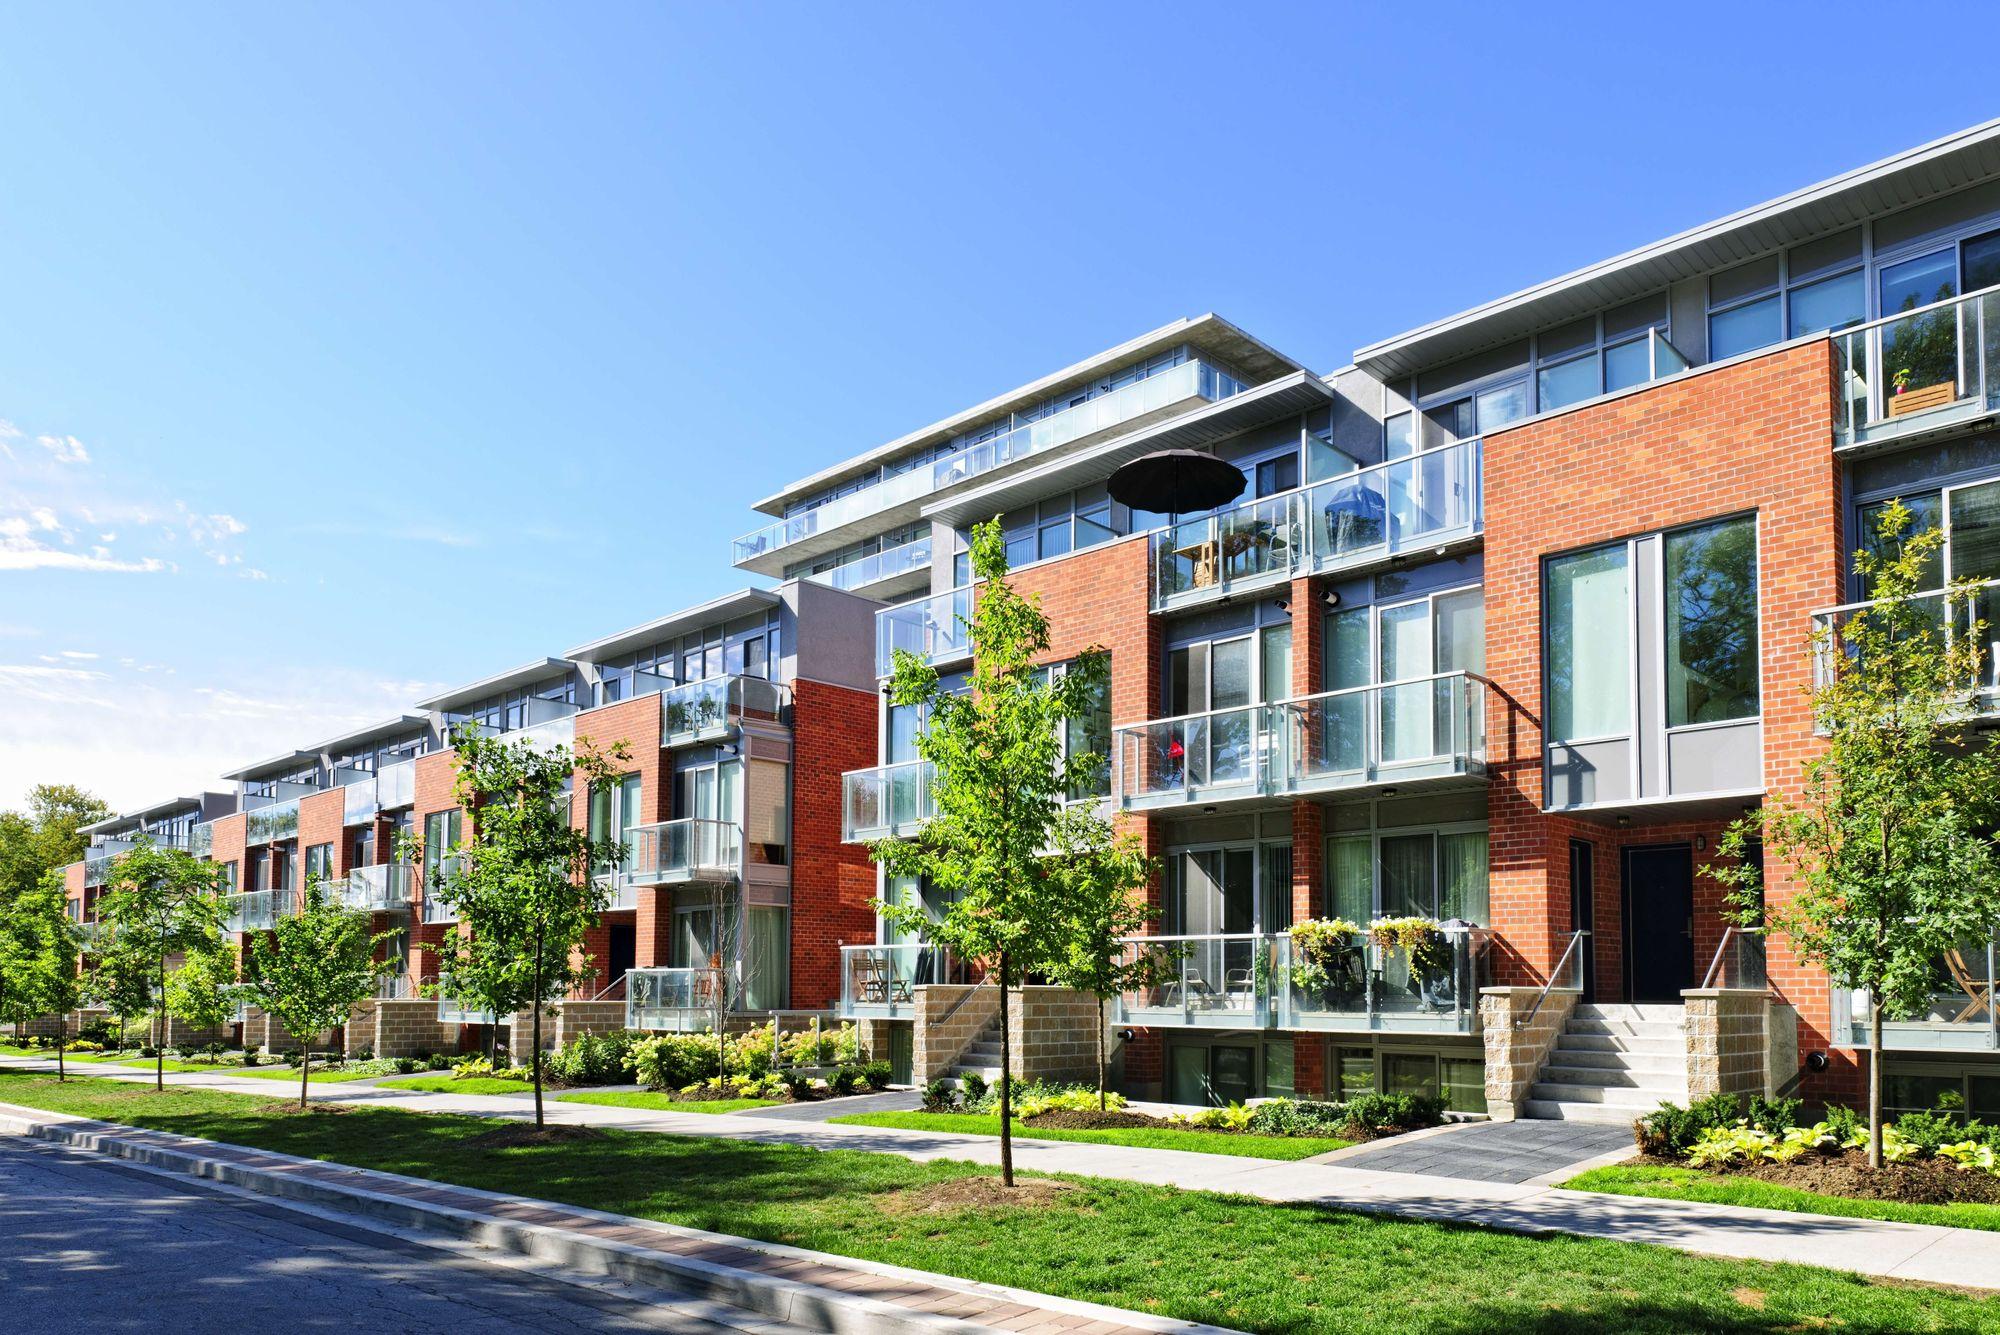 Condominium and Apartment